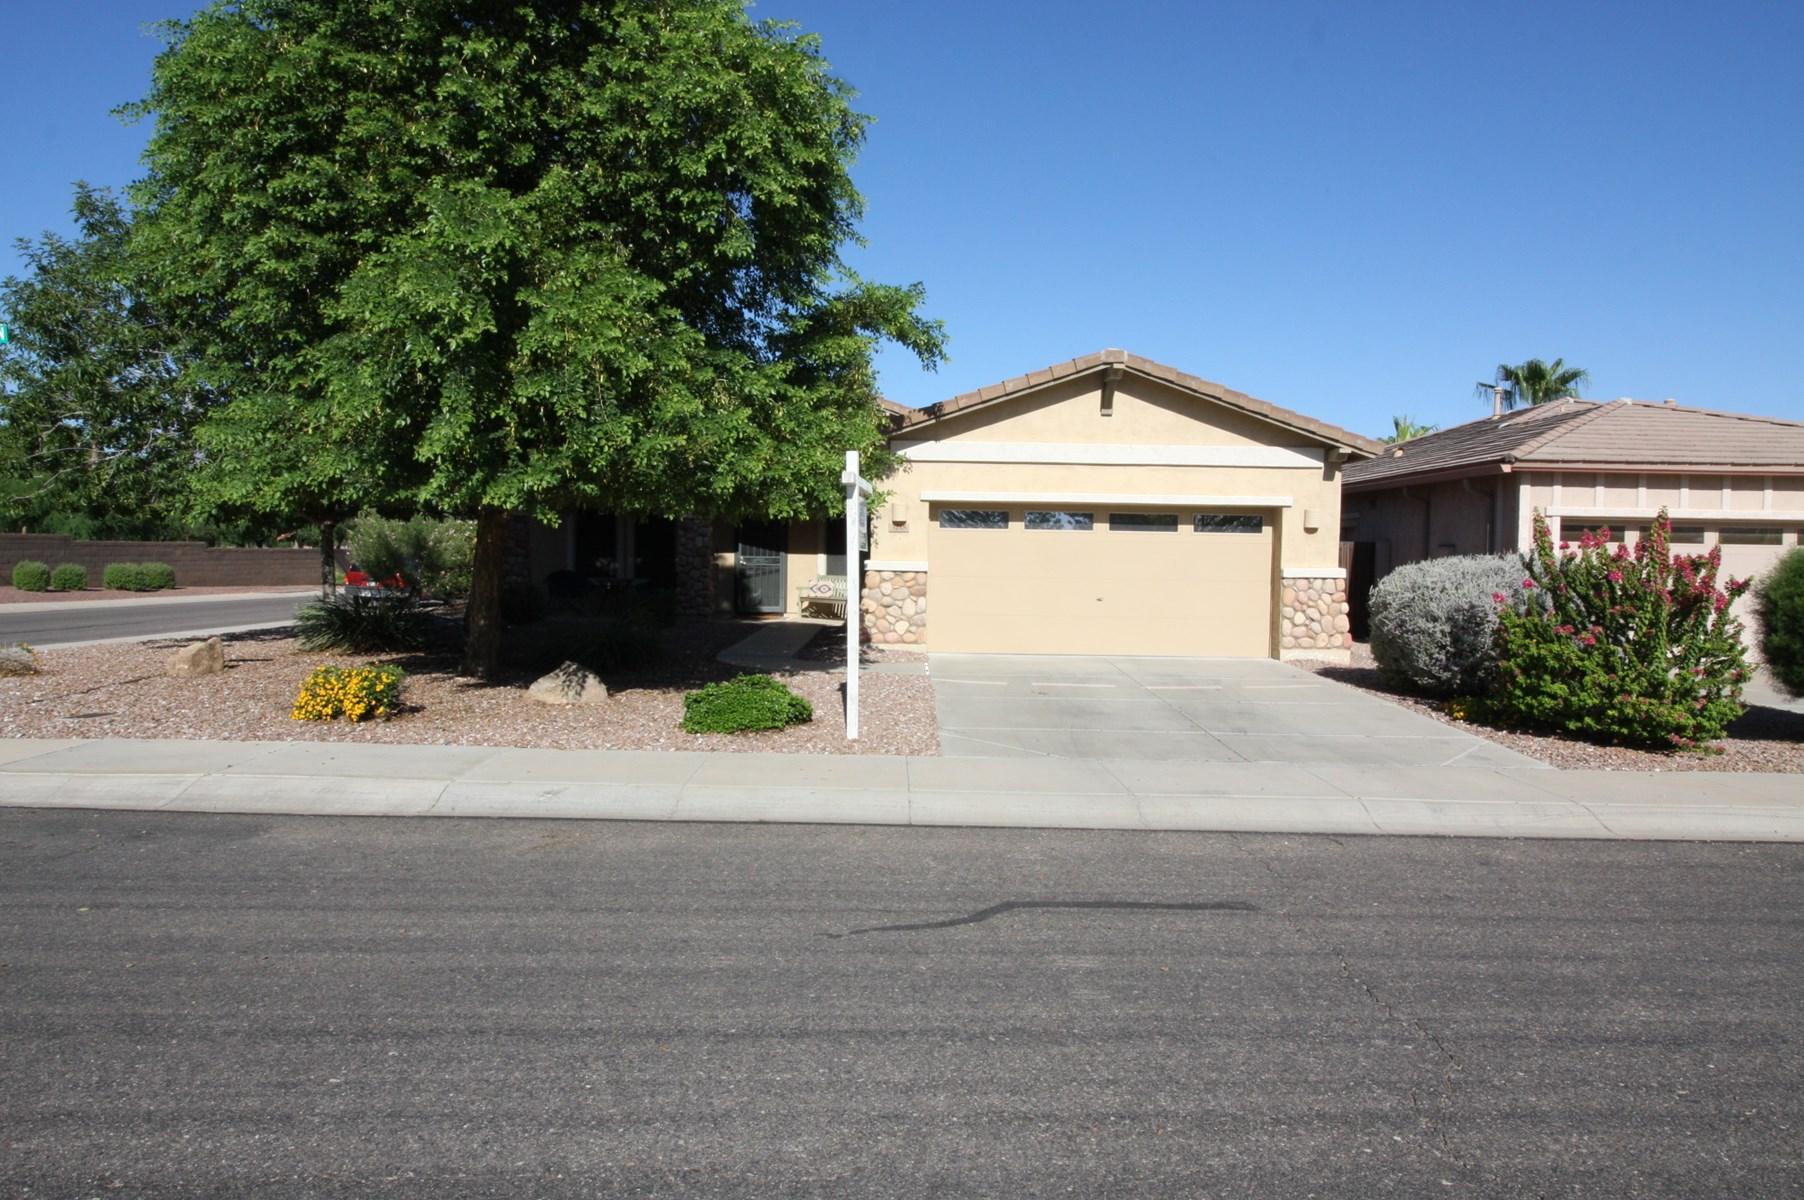 Lake Subdivision Home in  Casa Grande Arizona fpr sale